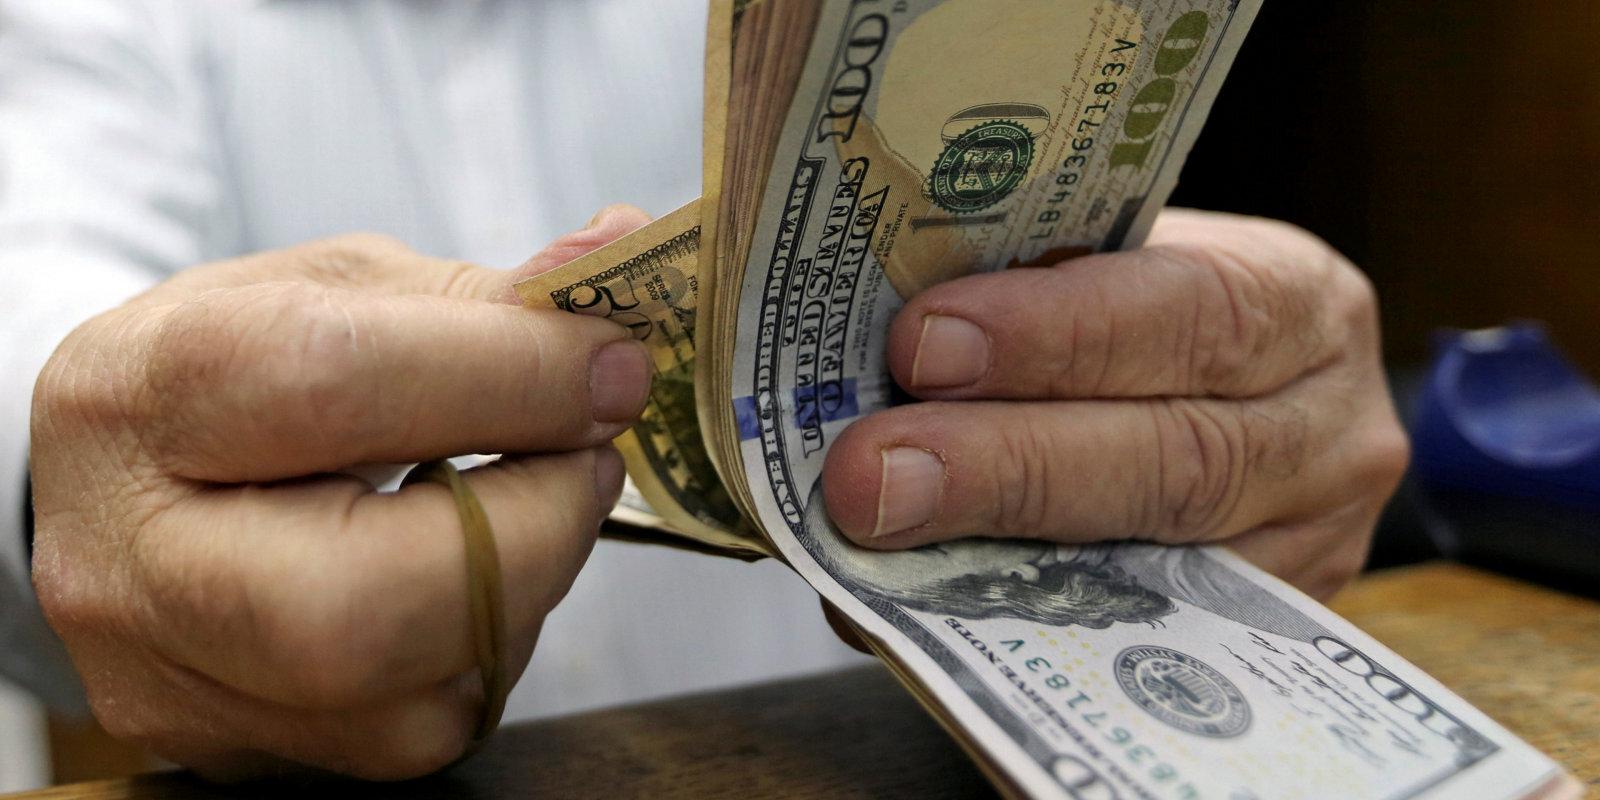 Миллионы евро и семейные бизнес-империи: топ-20 латвийских бенефициаров